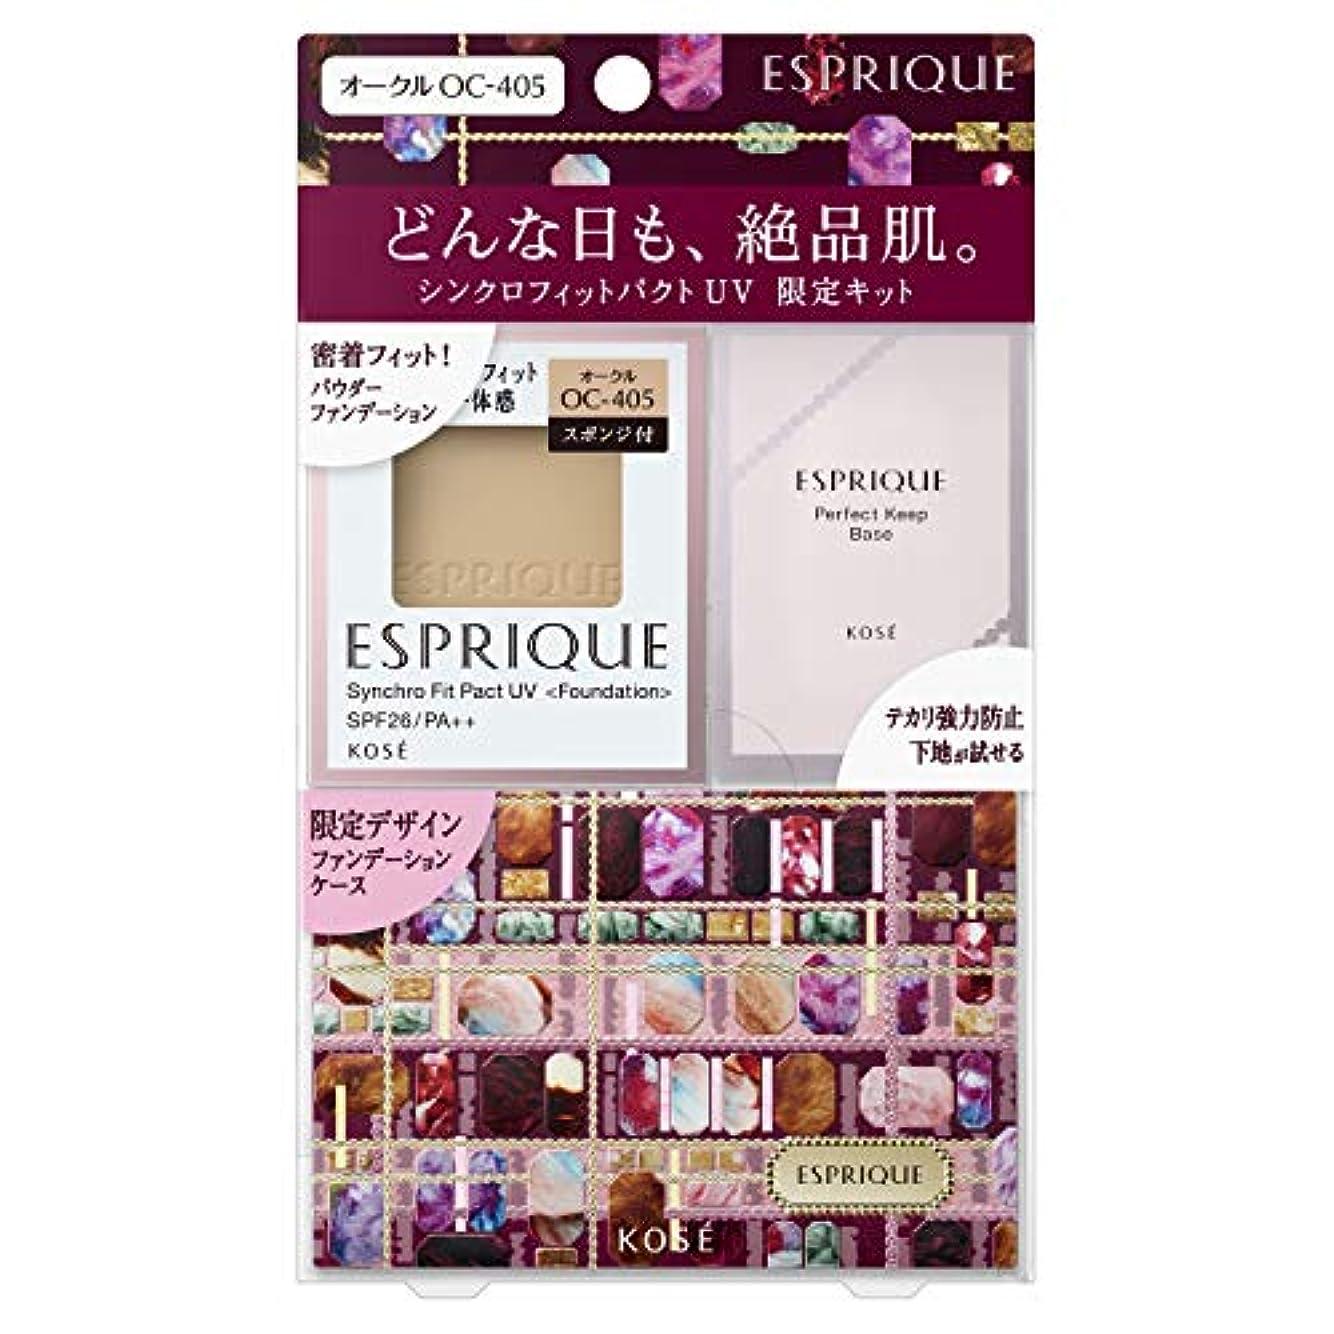 検証若者寝室を掃除するエスプリーク シンクロフィット パクト UV 限定キット 2 OC-405 オークル